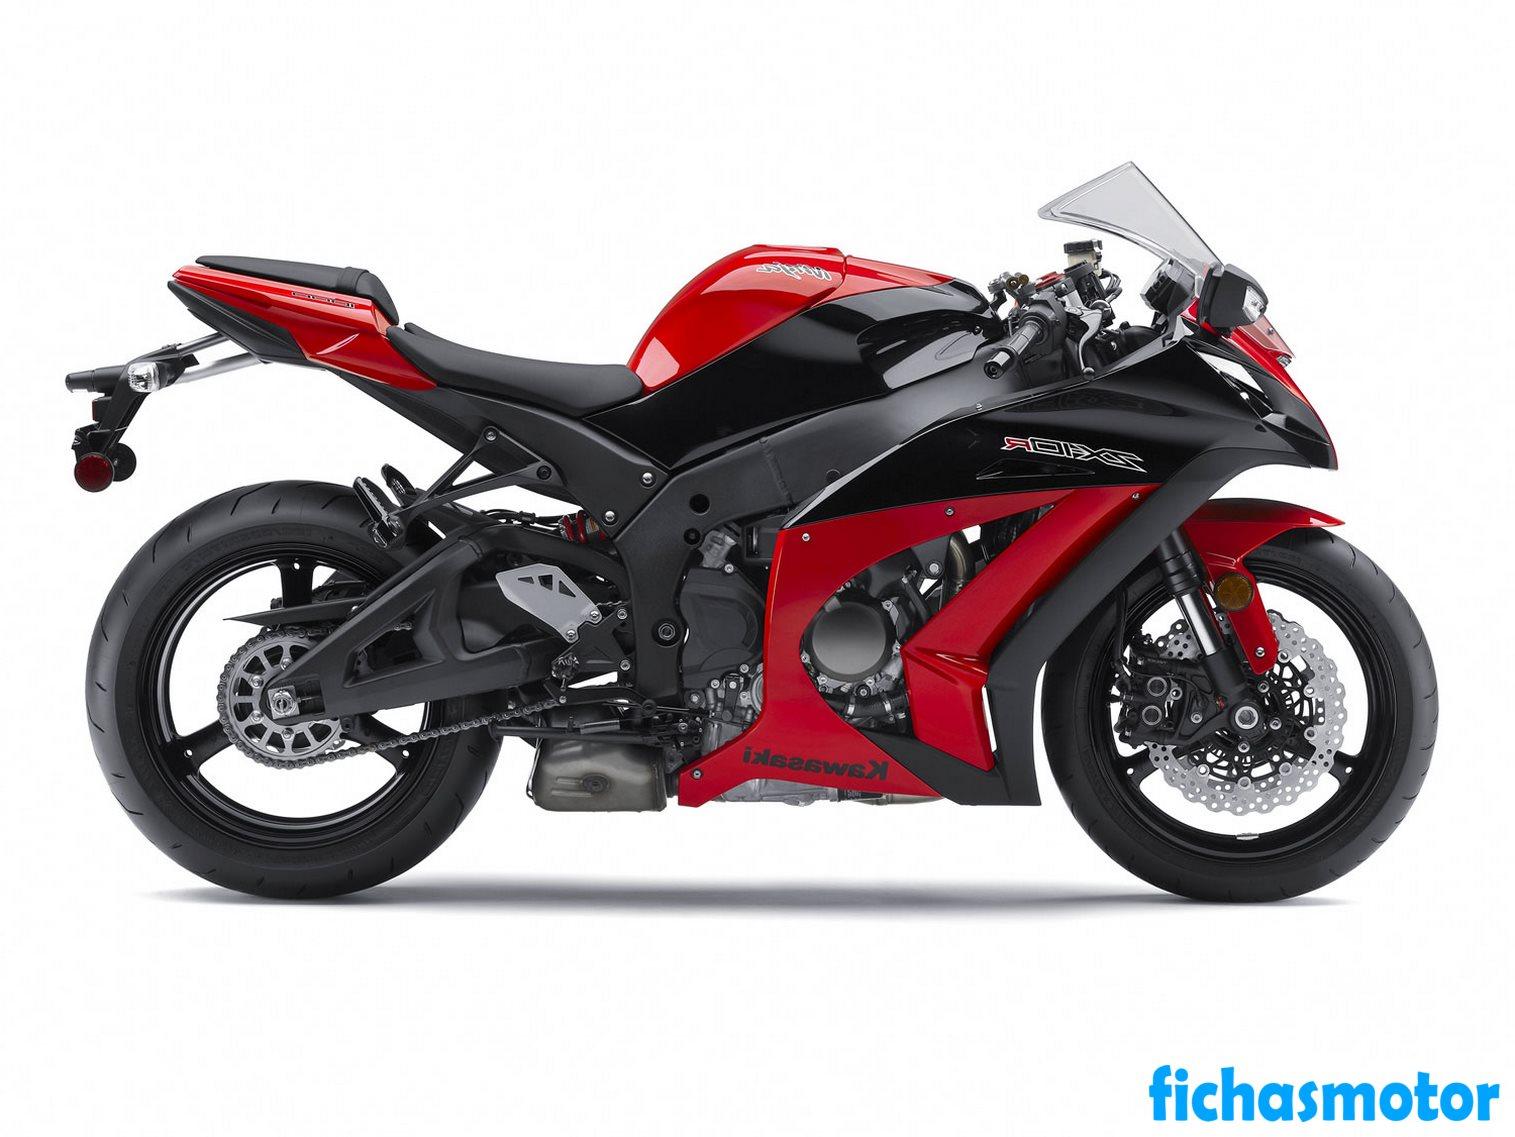 Imagen moto Kawasaki ninja zx-10r año 2012